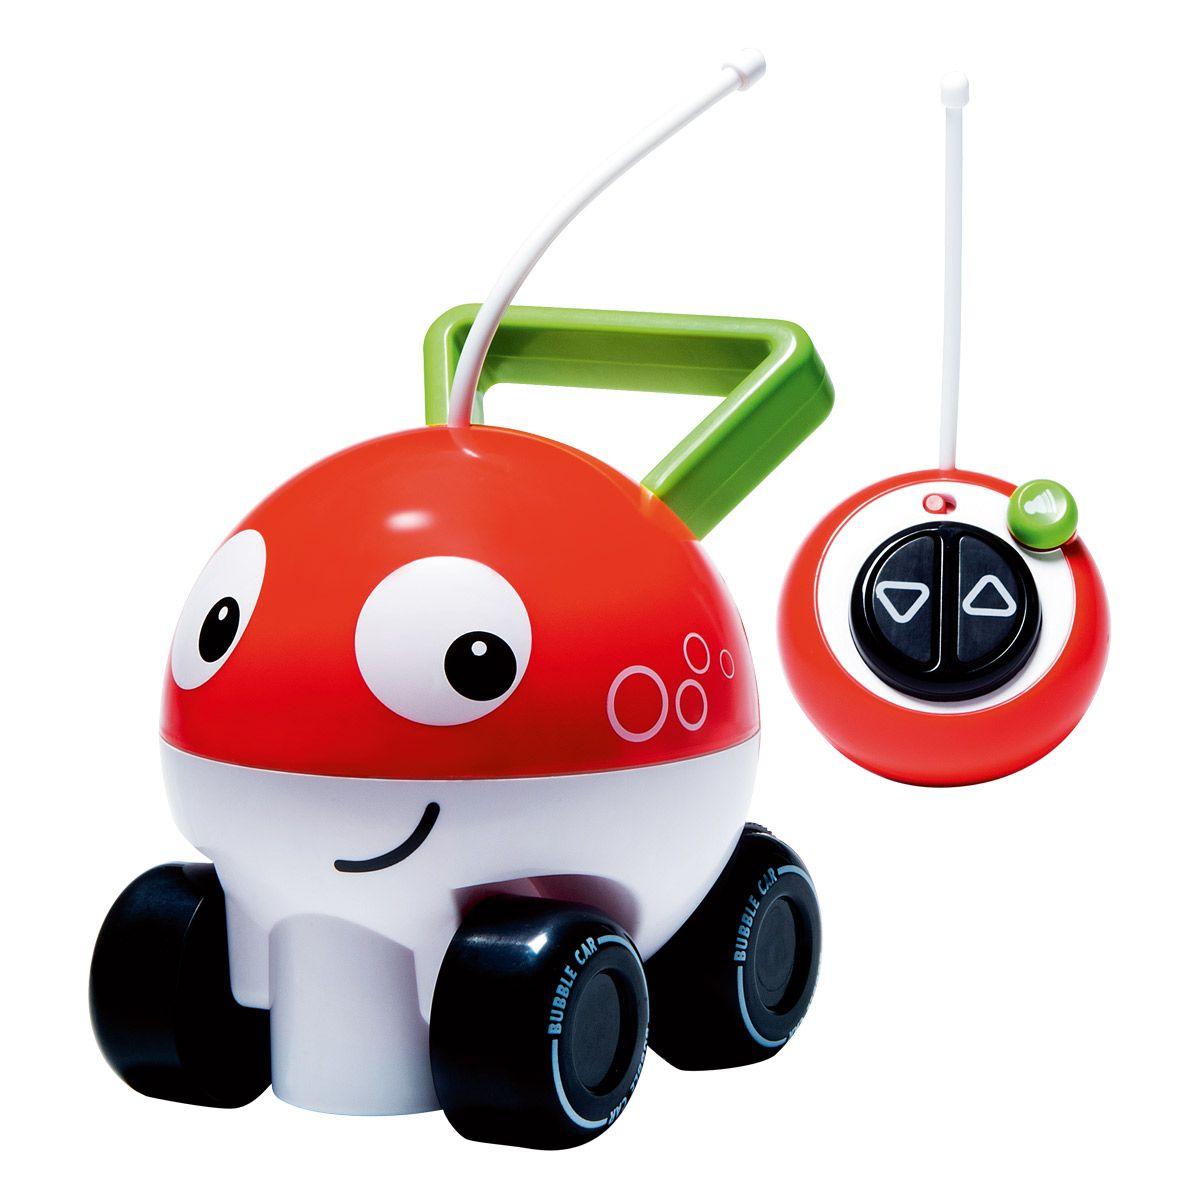 voiture radiocommand e bubble car oxybul pour enfant de 1 an 5 ans oxybul veil et jeux. Black Bedroom Furniture Sets. Home Design Ideas